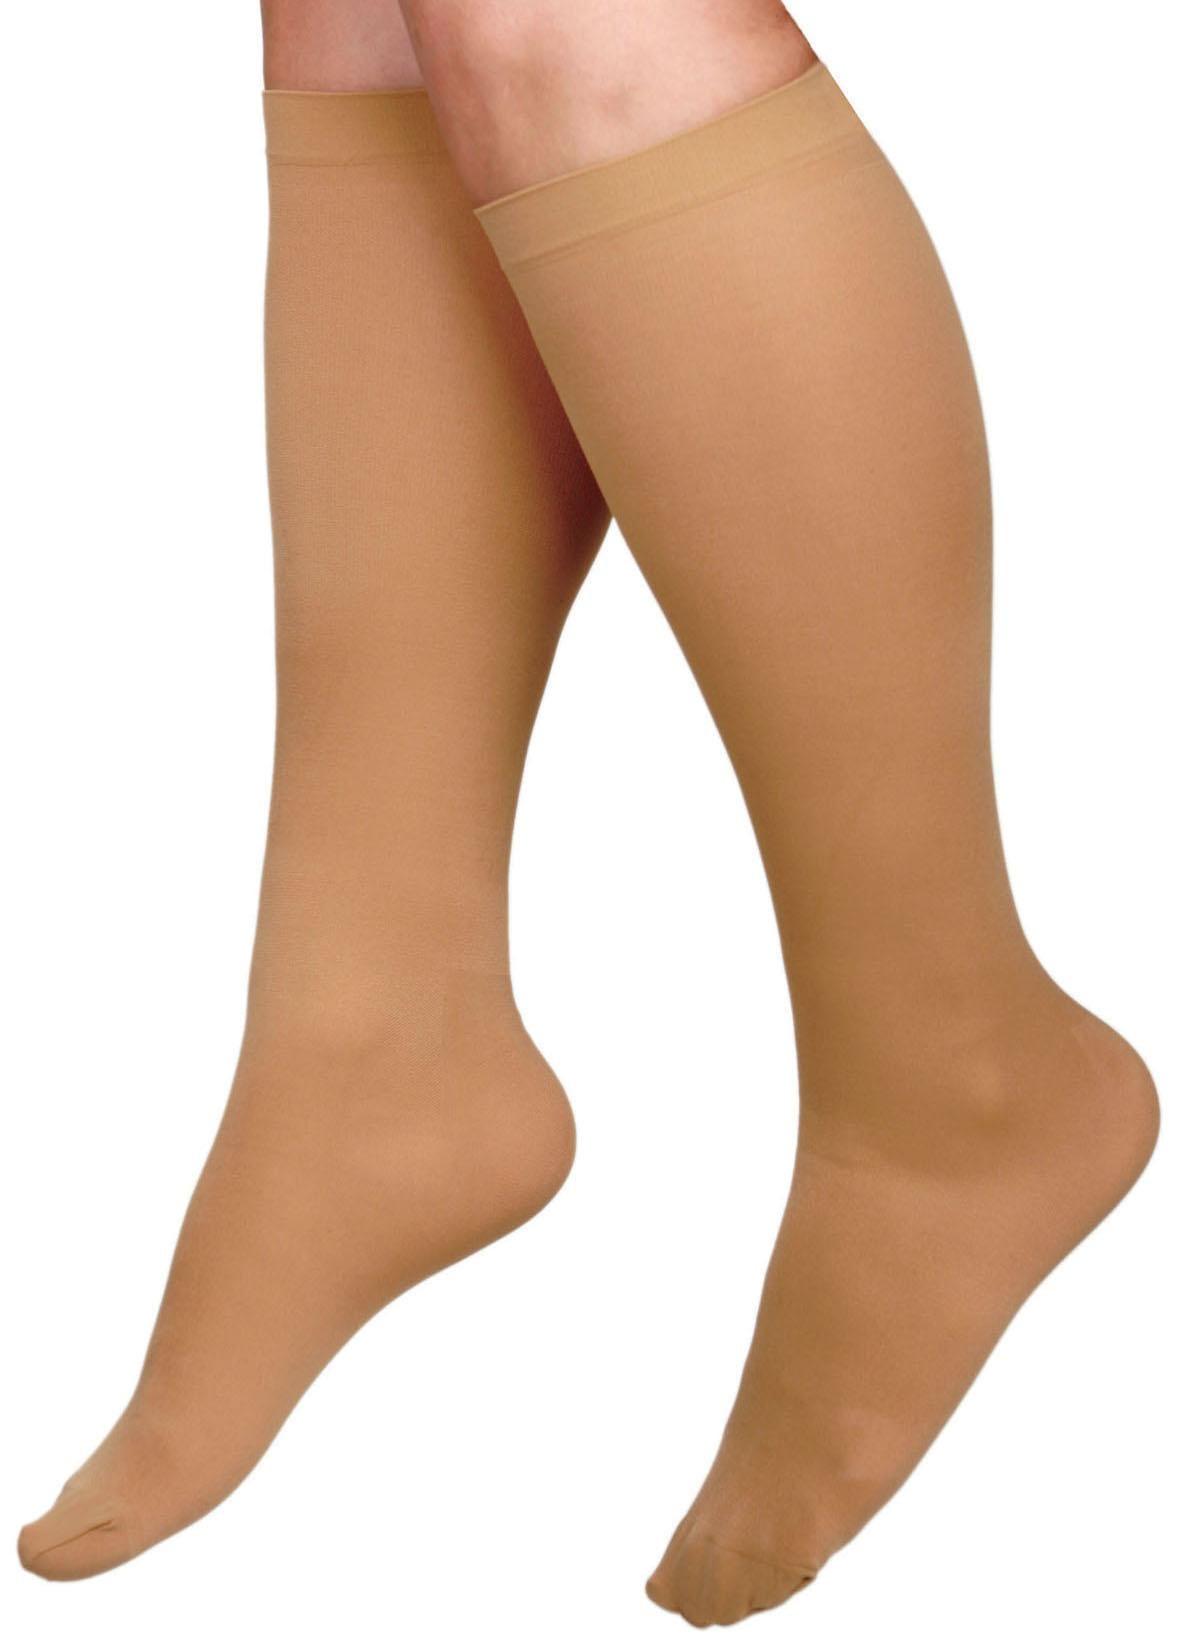 hosiery for travel comfort support socks